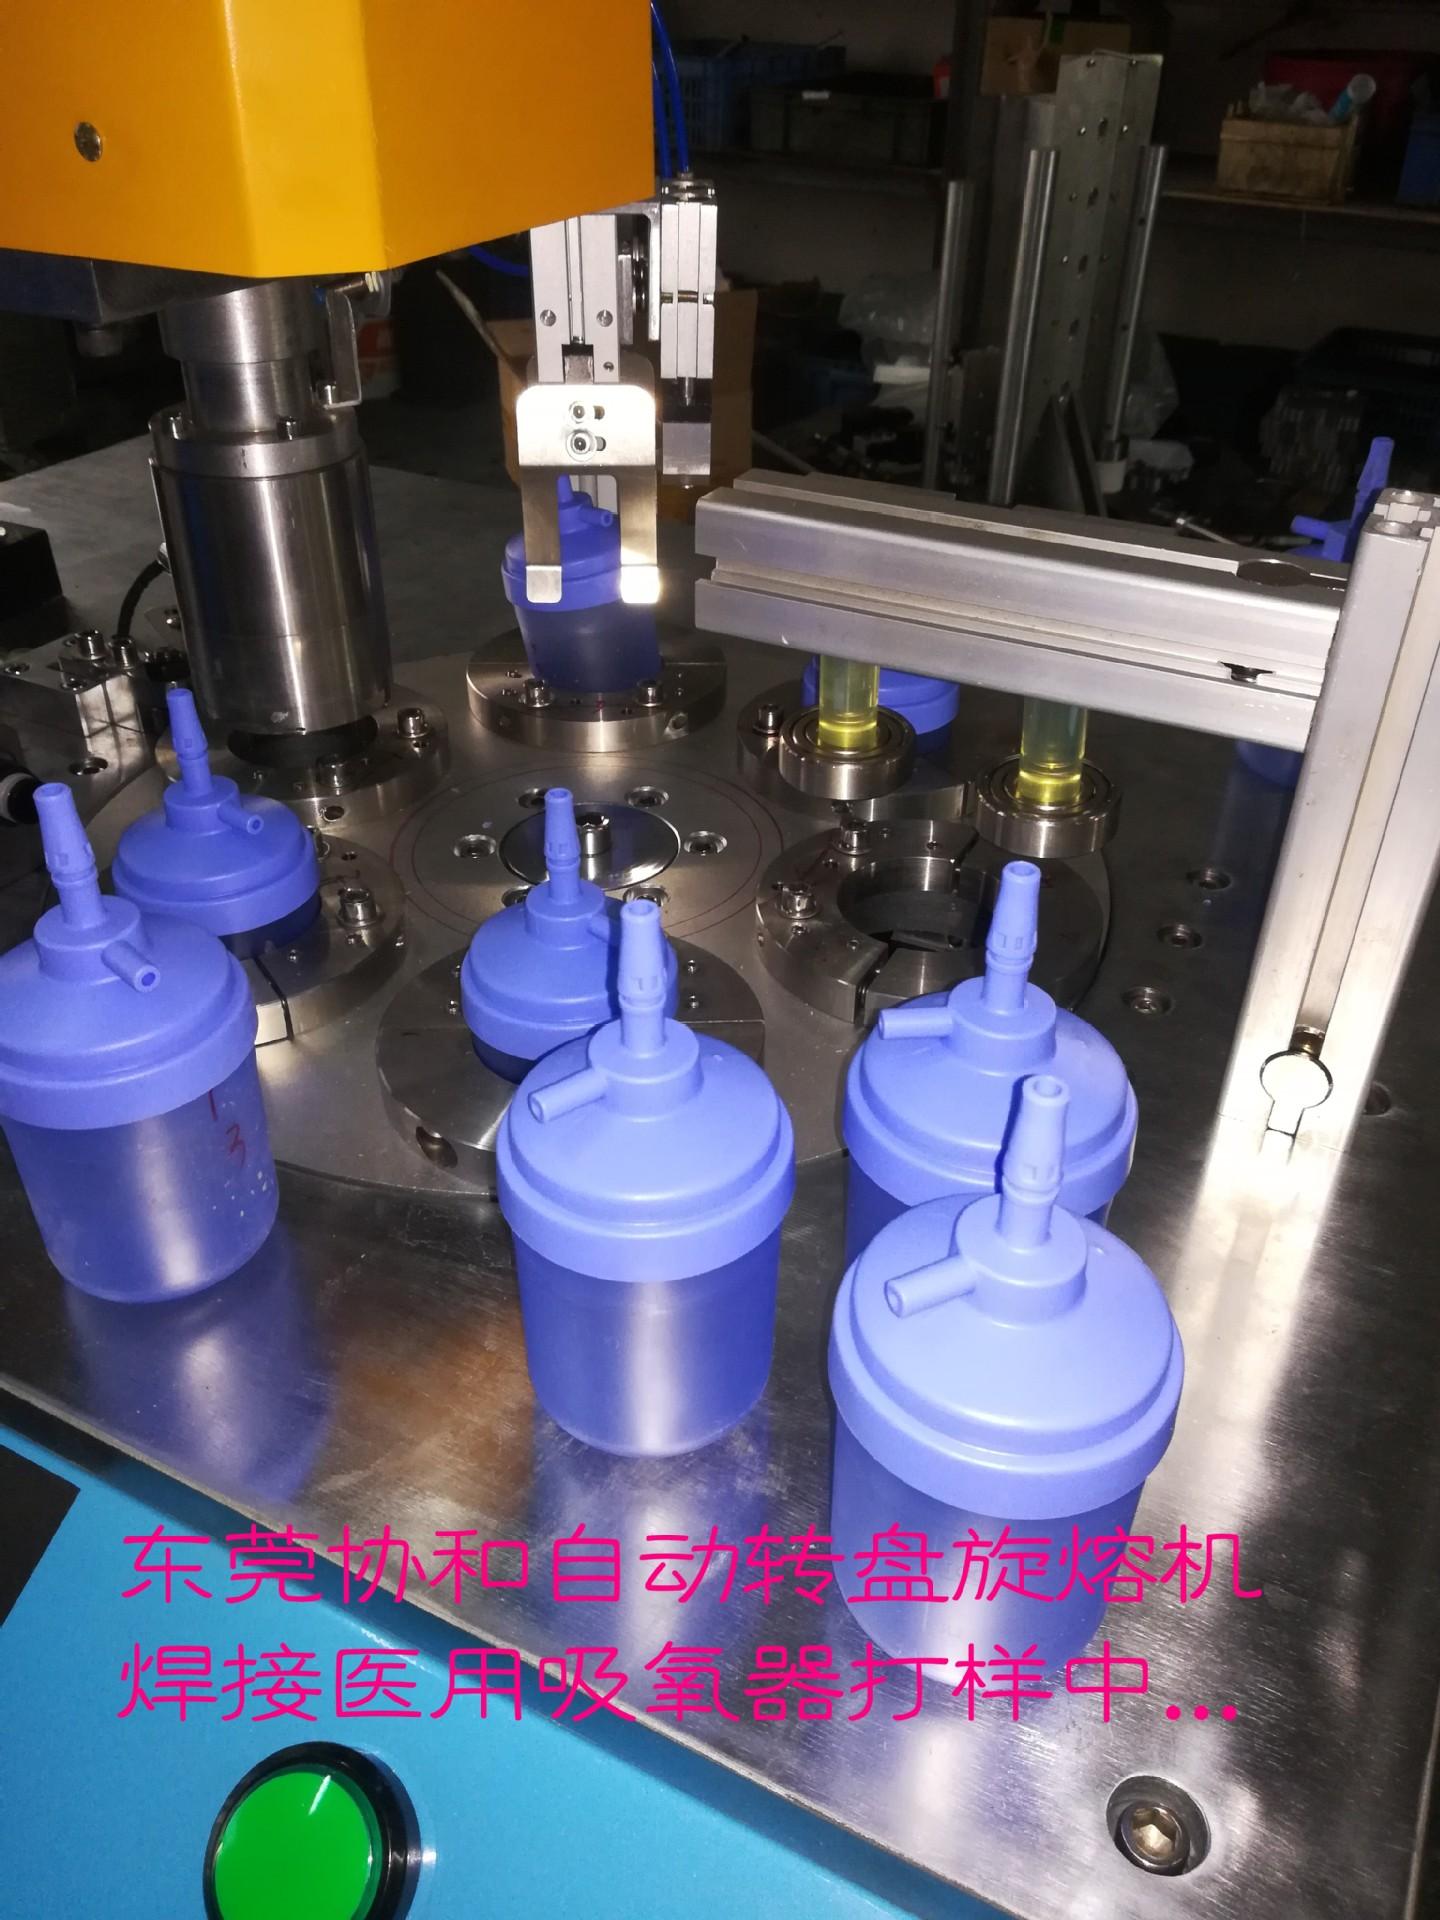 自动转盘旋熔机的价格 买机送模具 协和生产厂家 欢迎定购定位旋示例图8